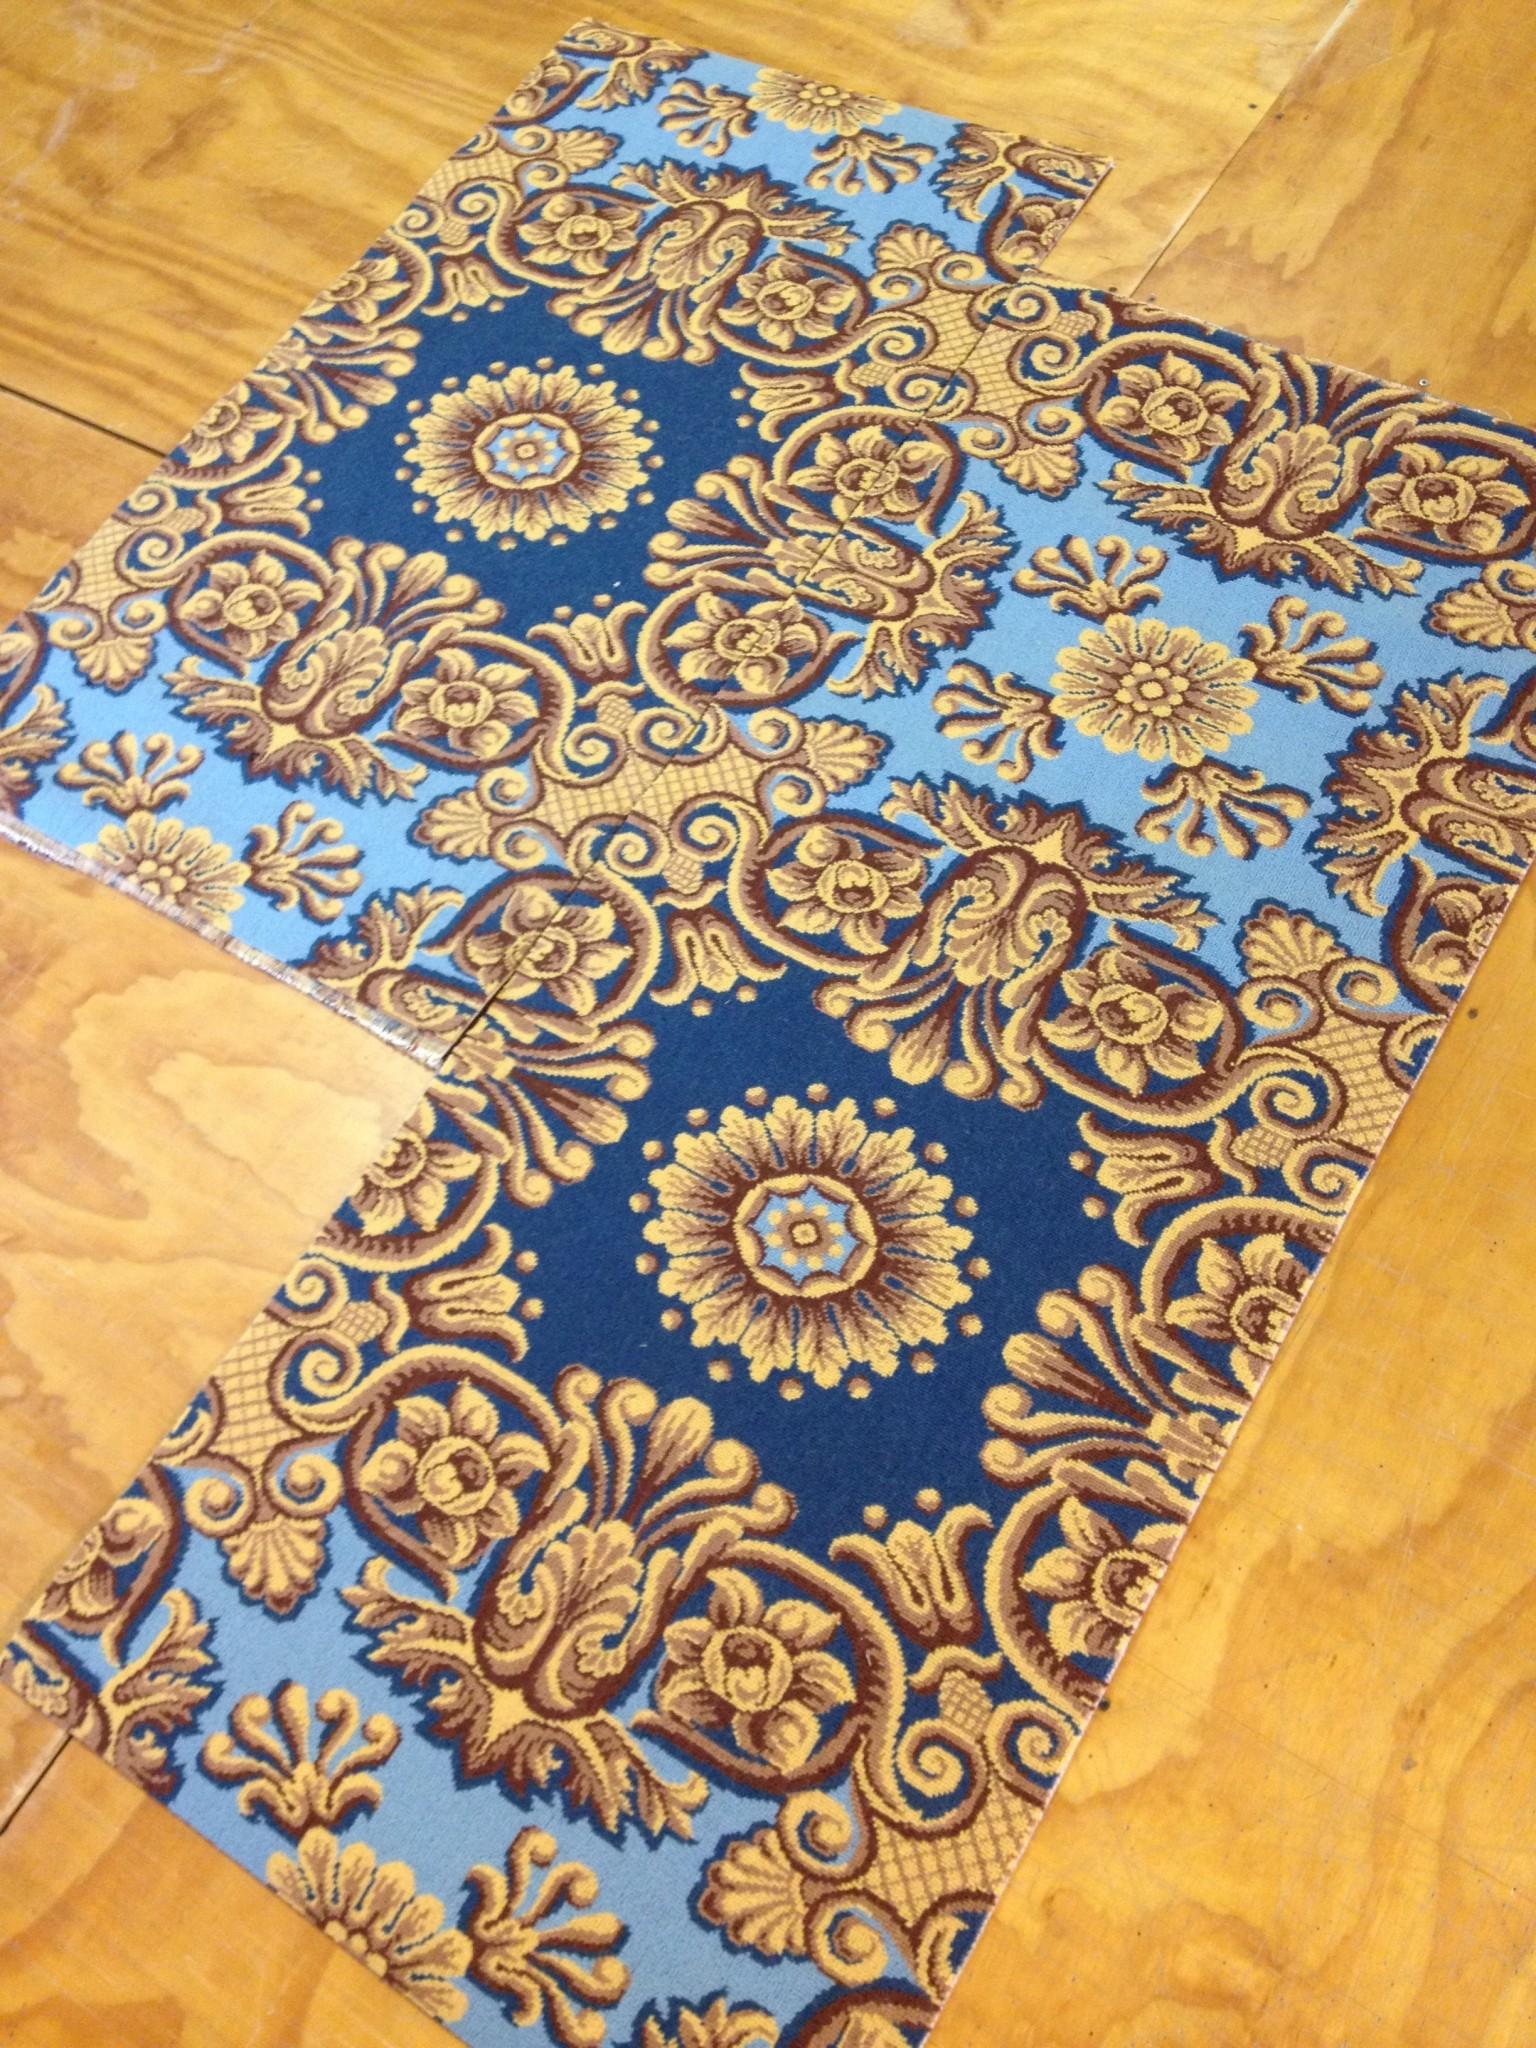 carpet laid out